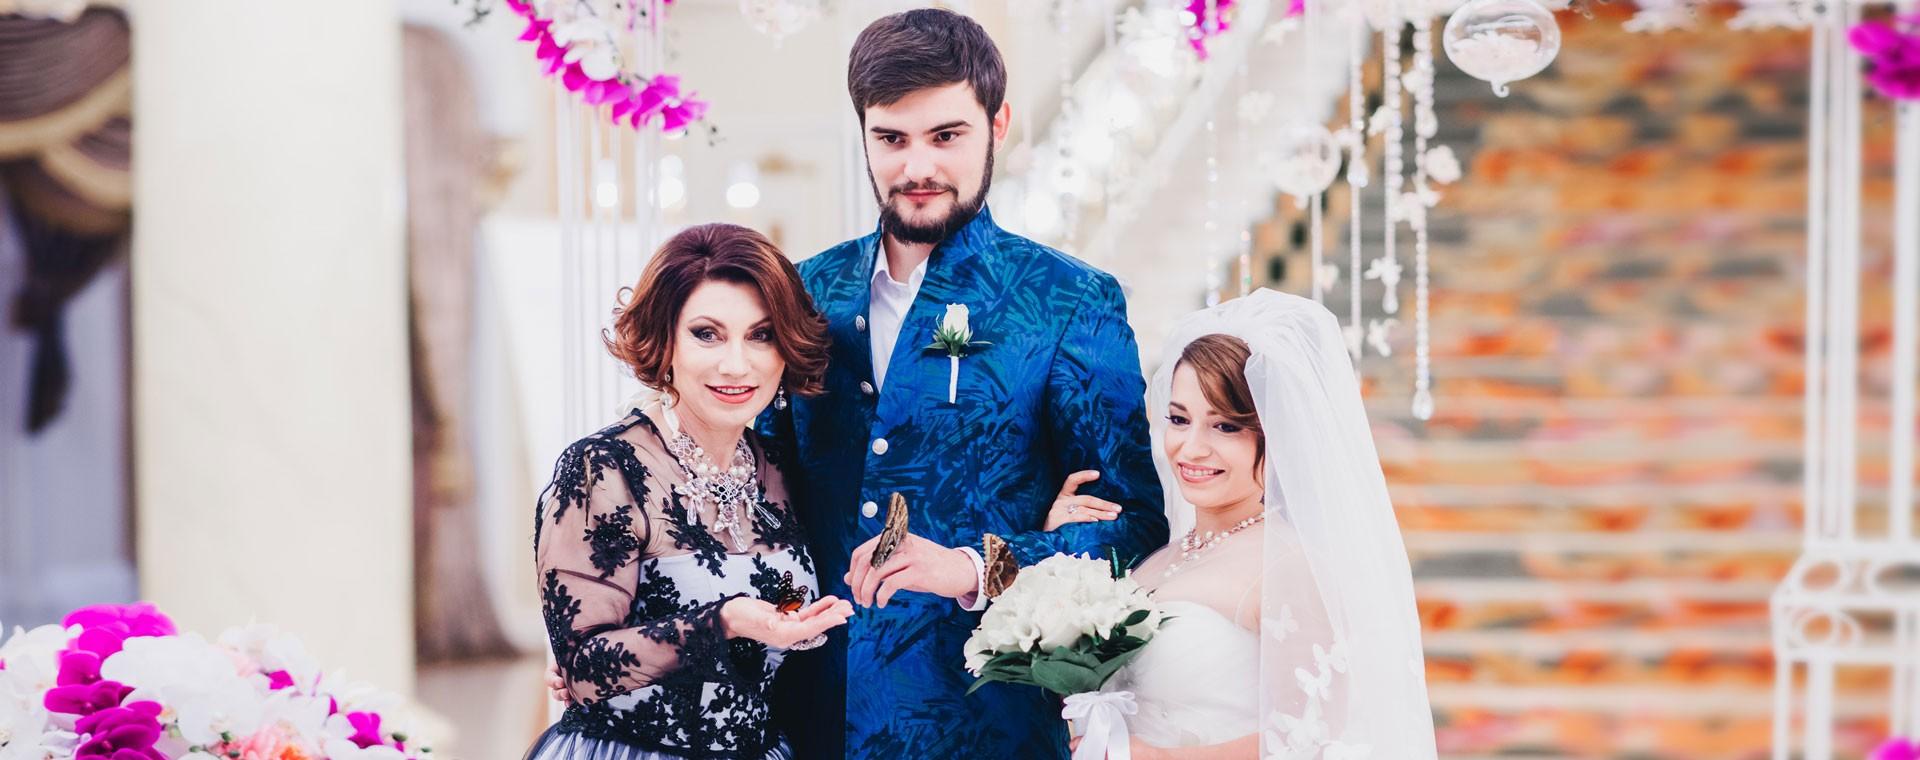 Дети розы сябитовой фото 2018